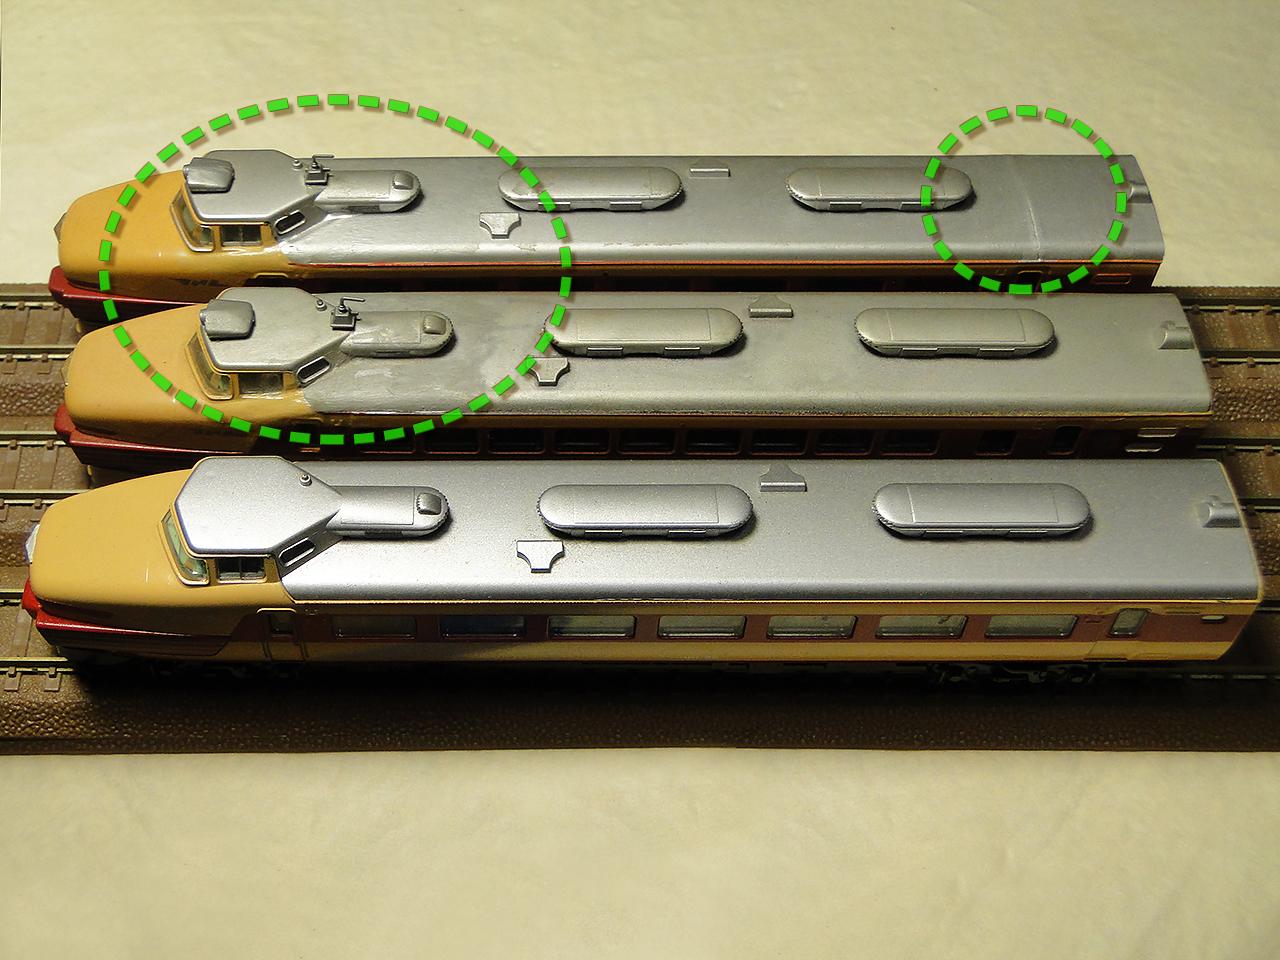 http://moritetsu.info/model-railway/img/DSC06582sss.jpg